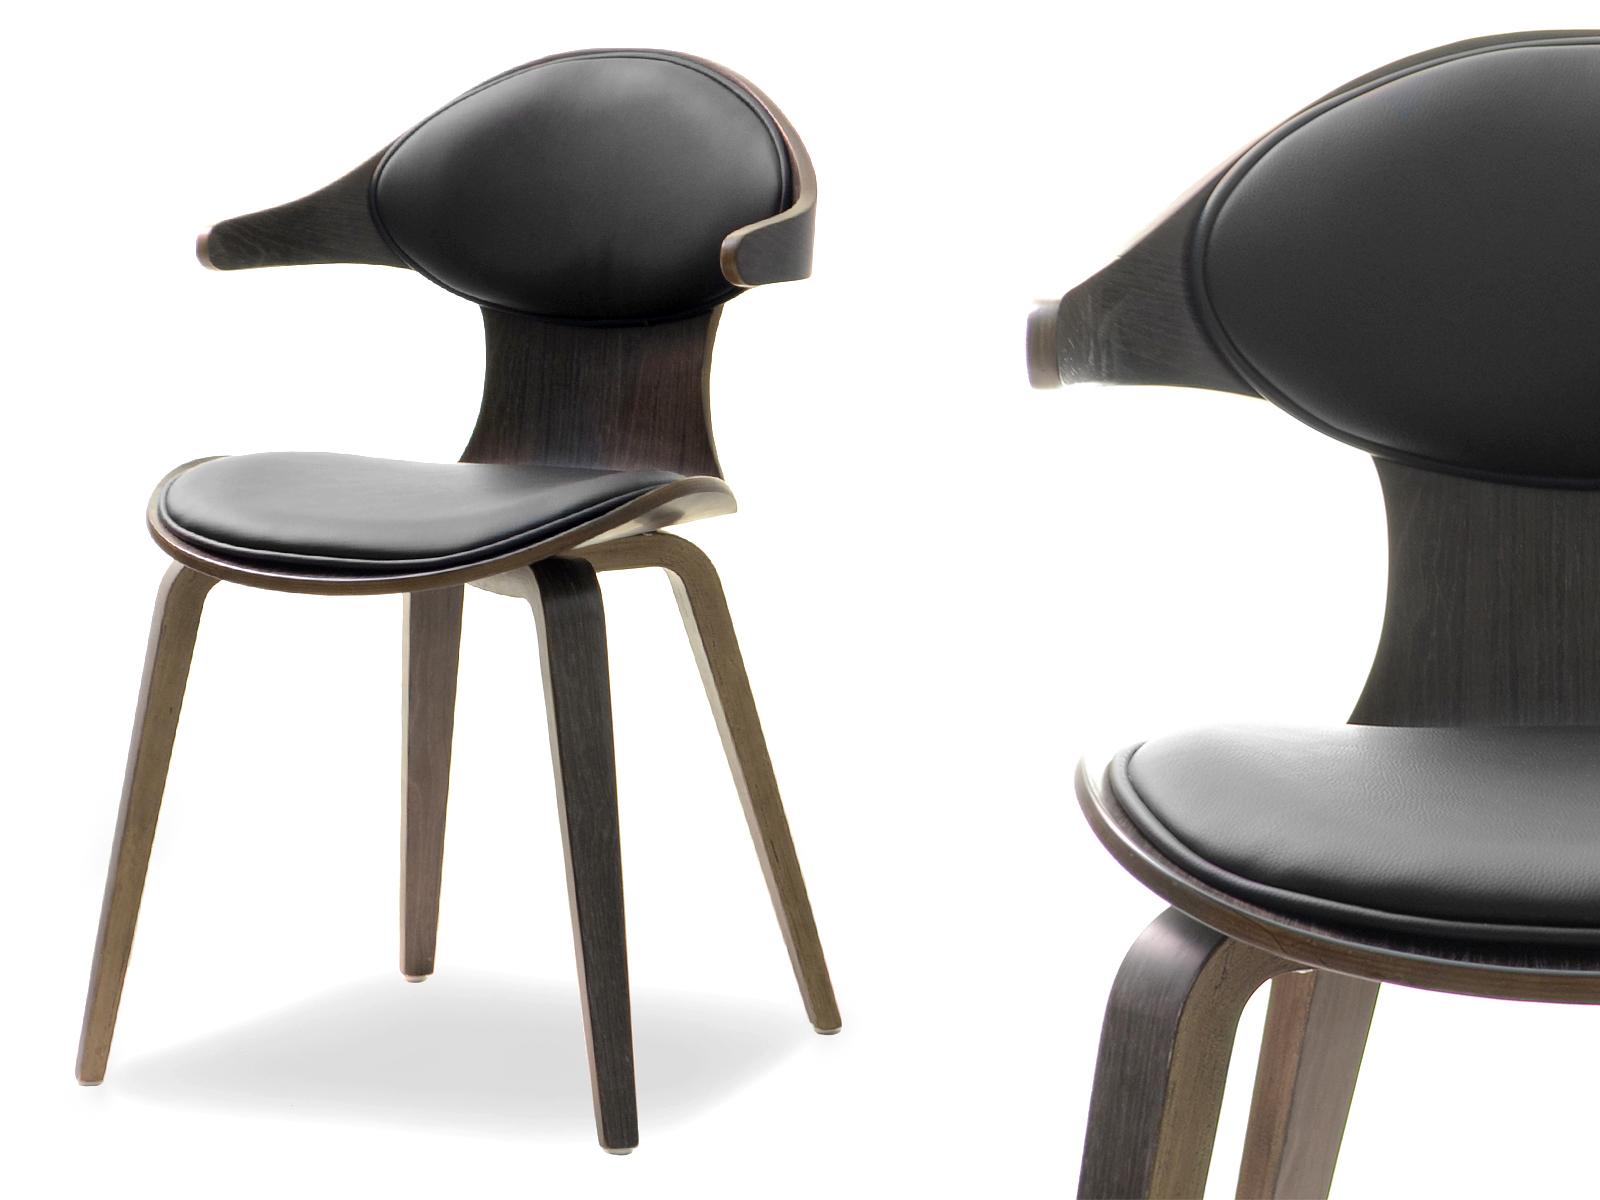 Industrialne Krzesło Do Jadalni Z Drewna Rodeo 7171032164